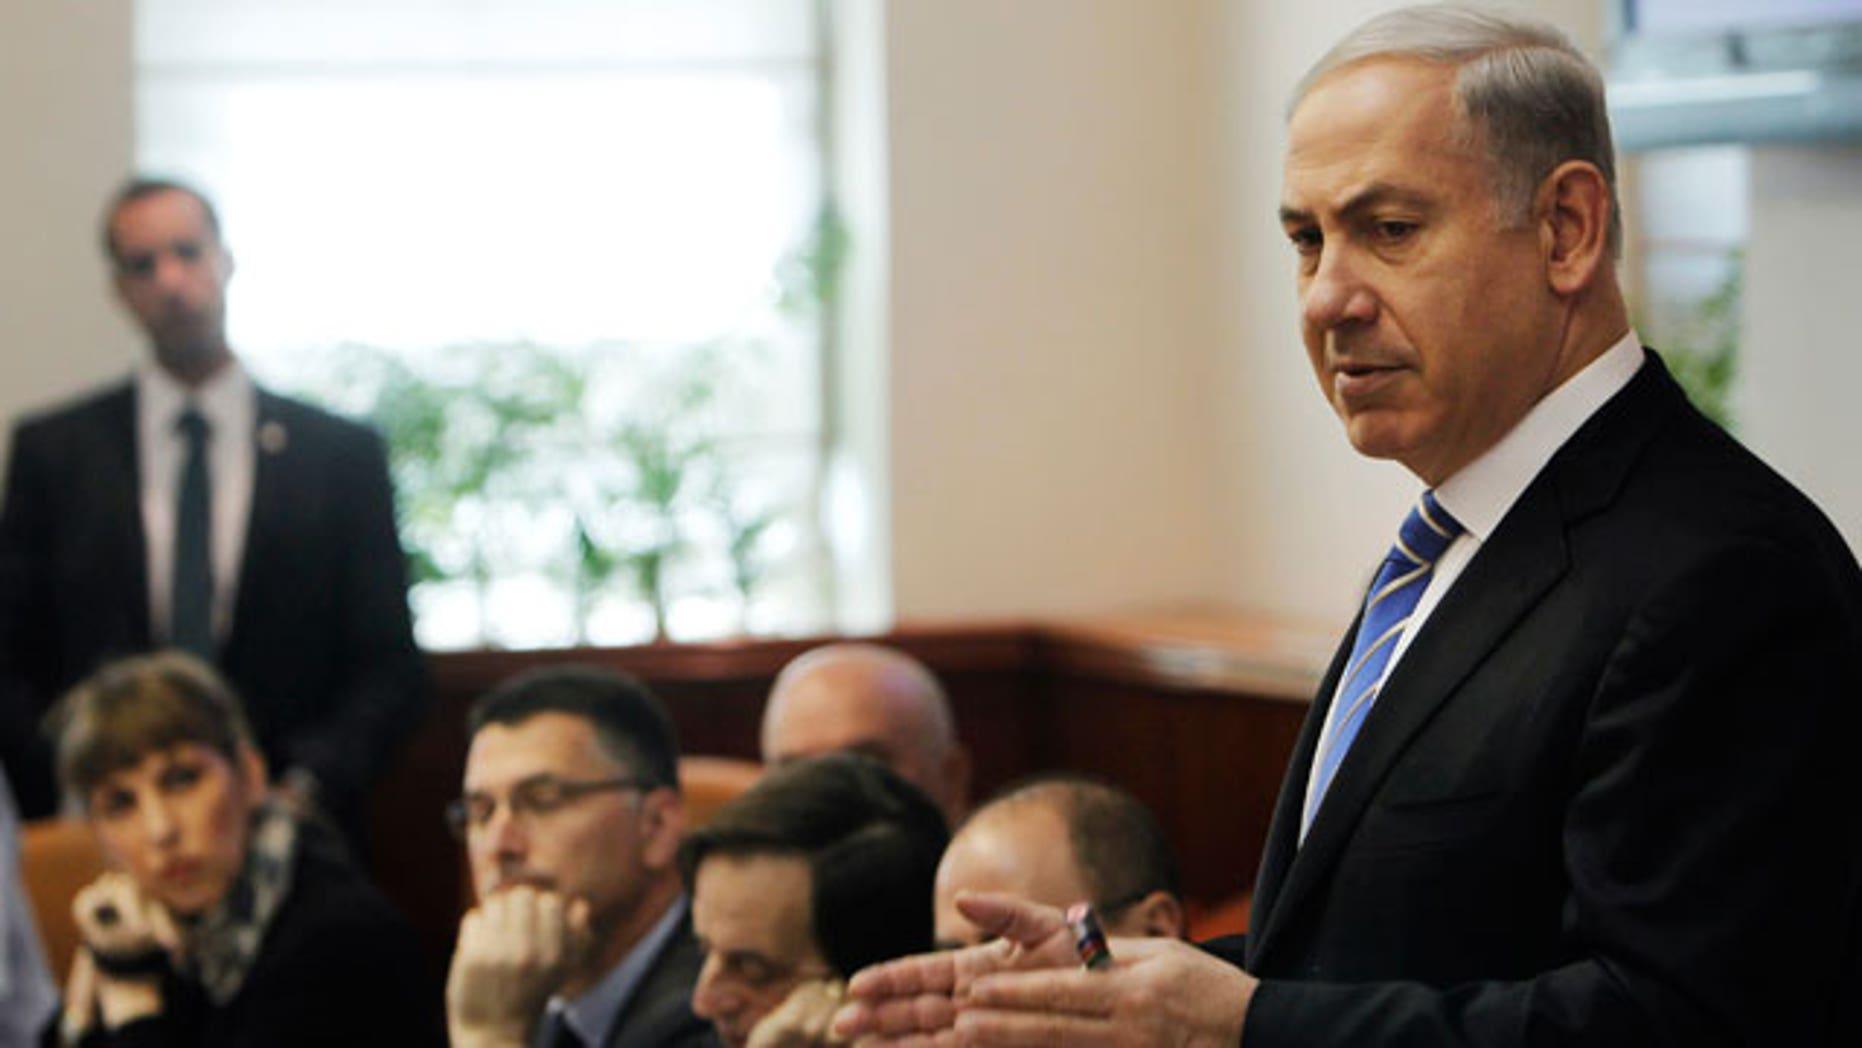 Jan. 1, 2012: Israel's Prime Minister Benjamin Netanyahu, right, speaks during the weekly cabinet meeting in Jerusalem.